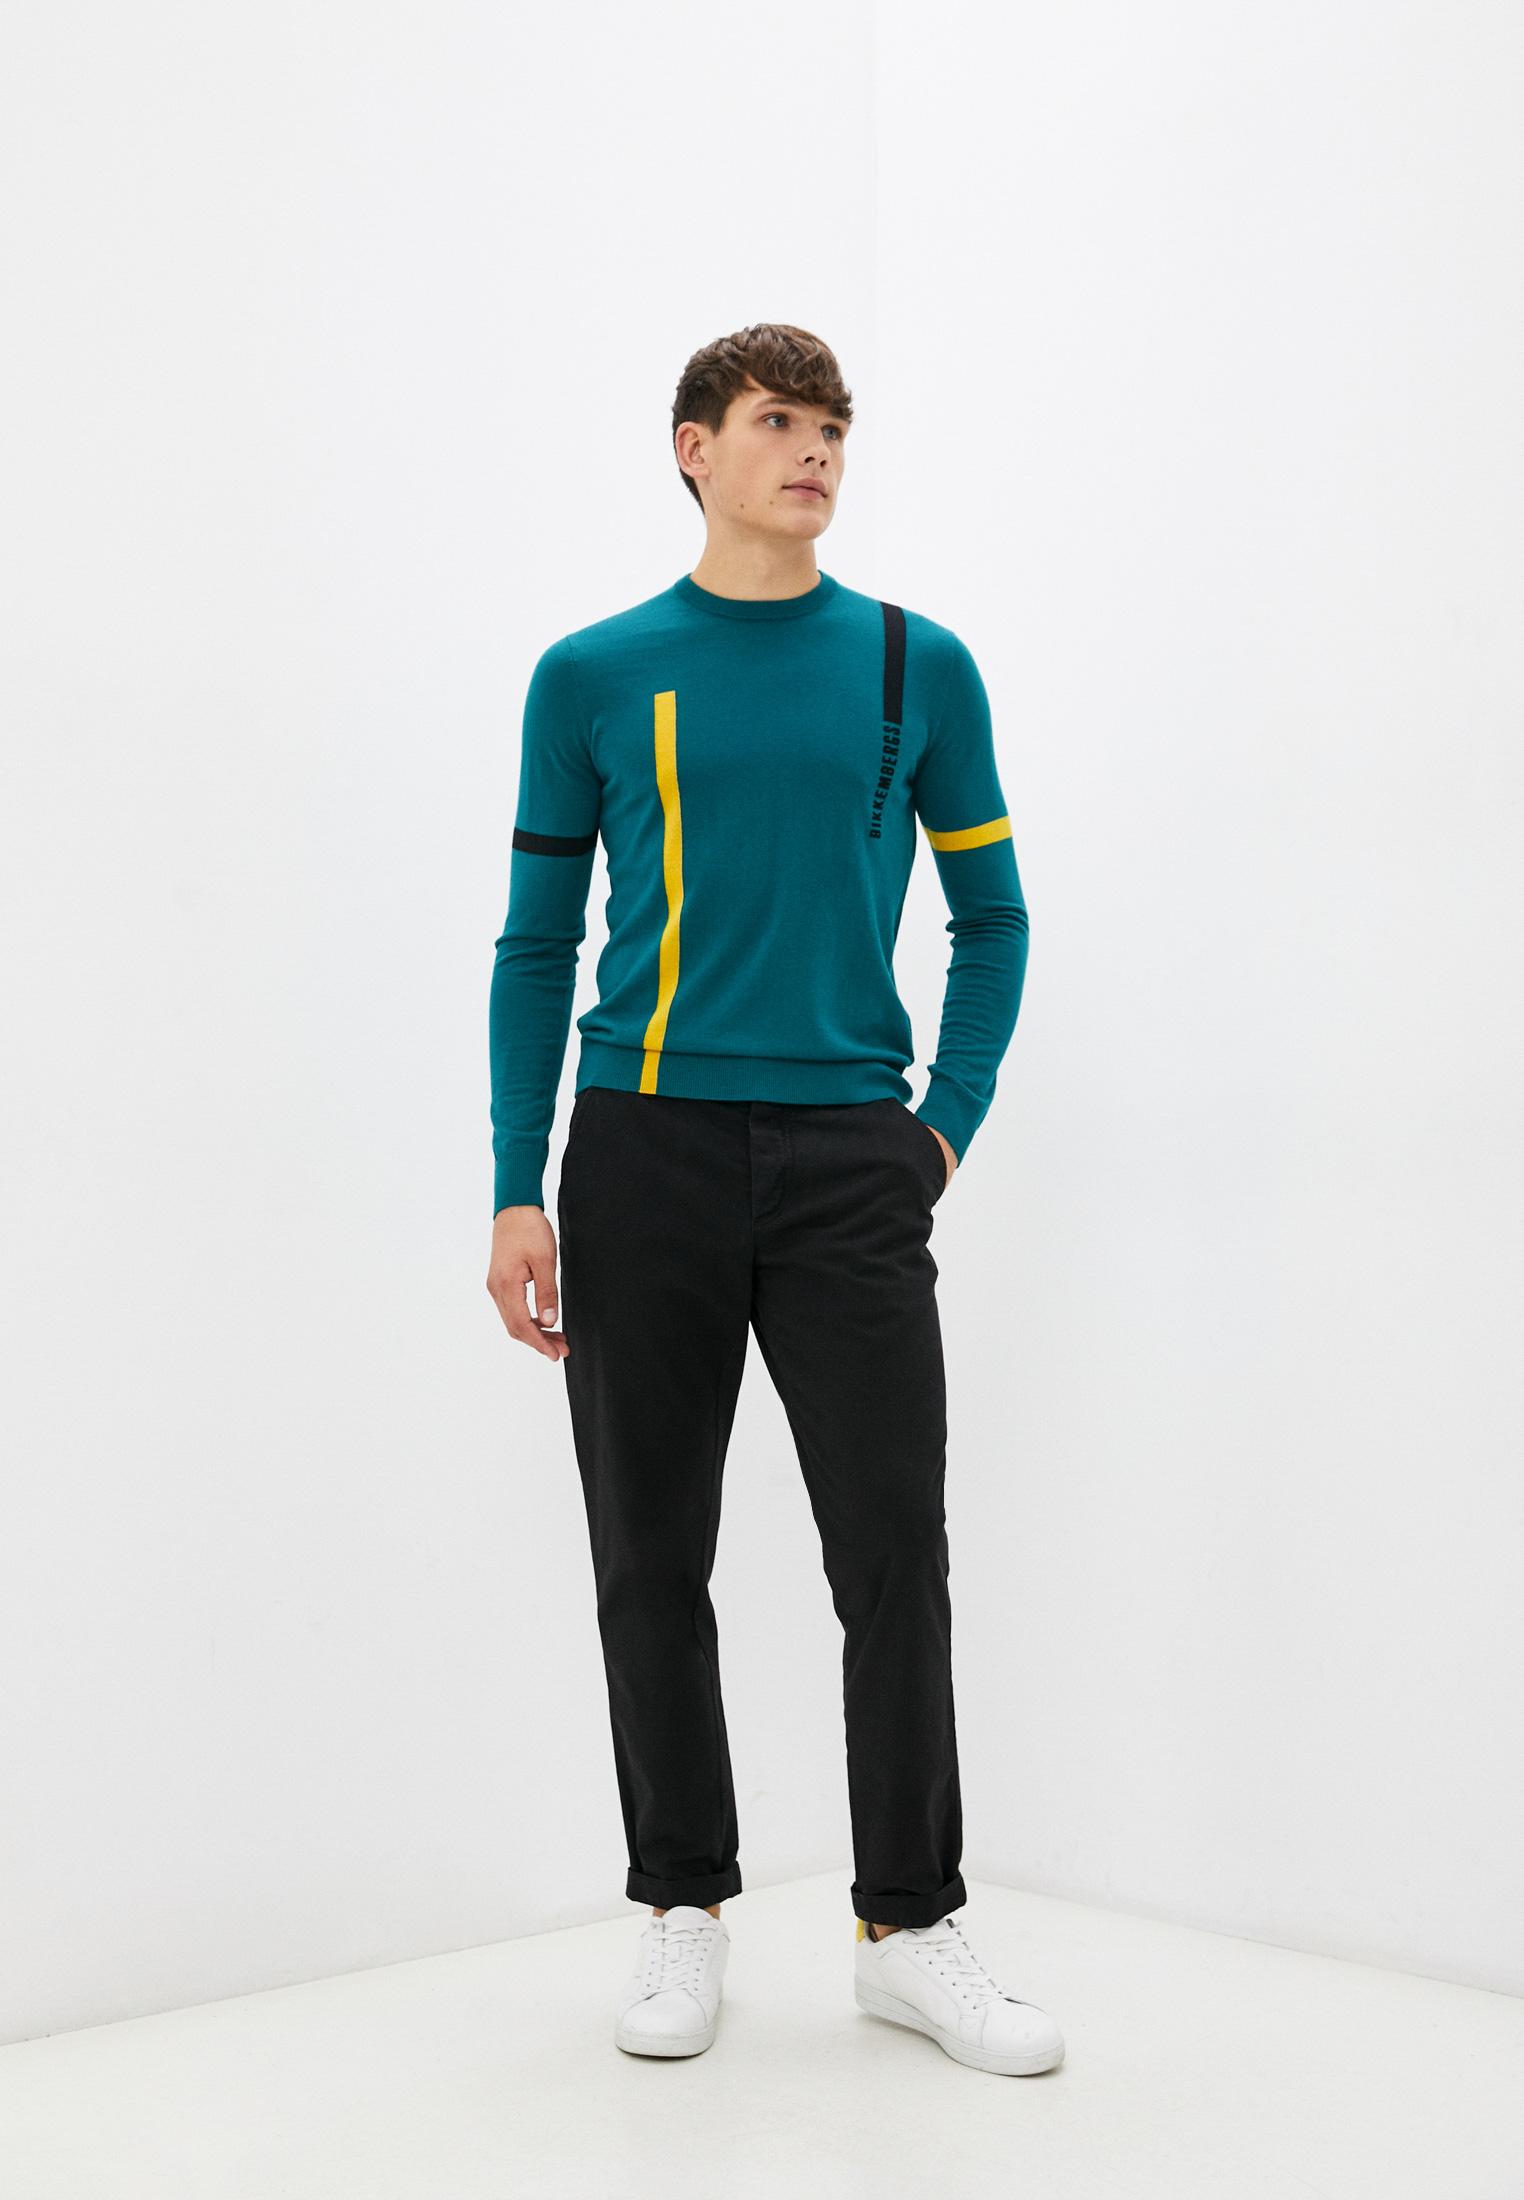 Мужские брюки Bikkembergs (Биккембергс) C P 055 04 S 3279: изображение 3